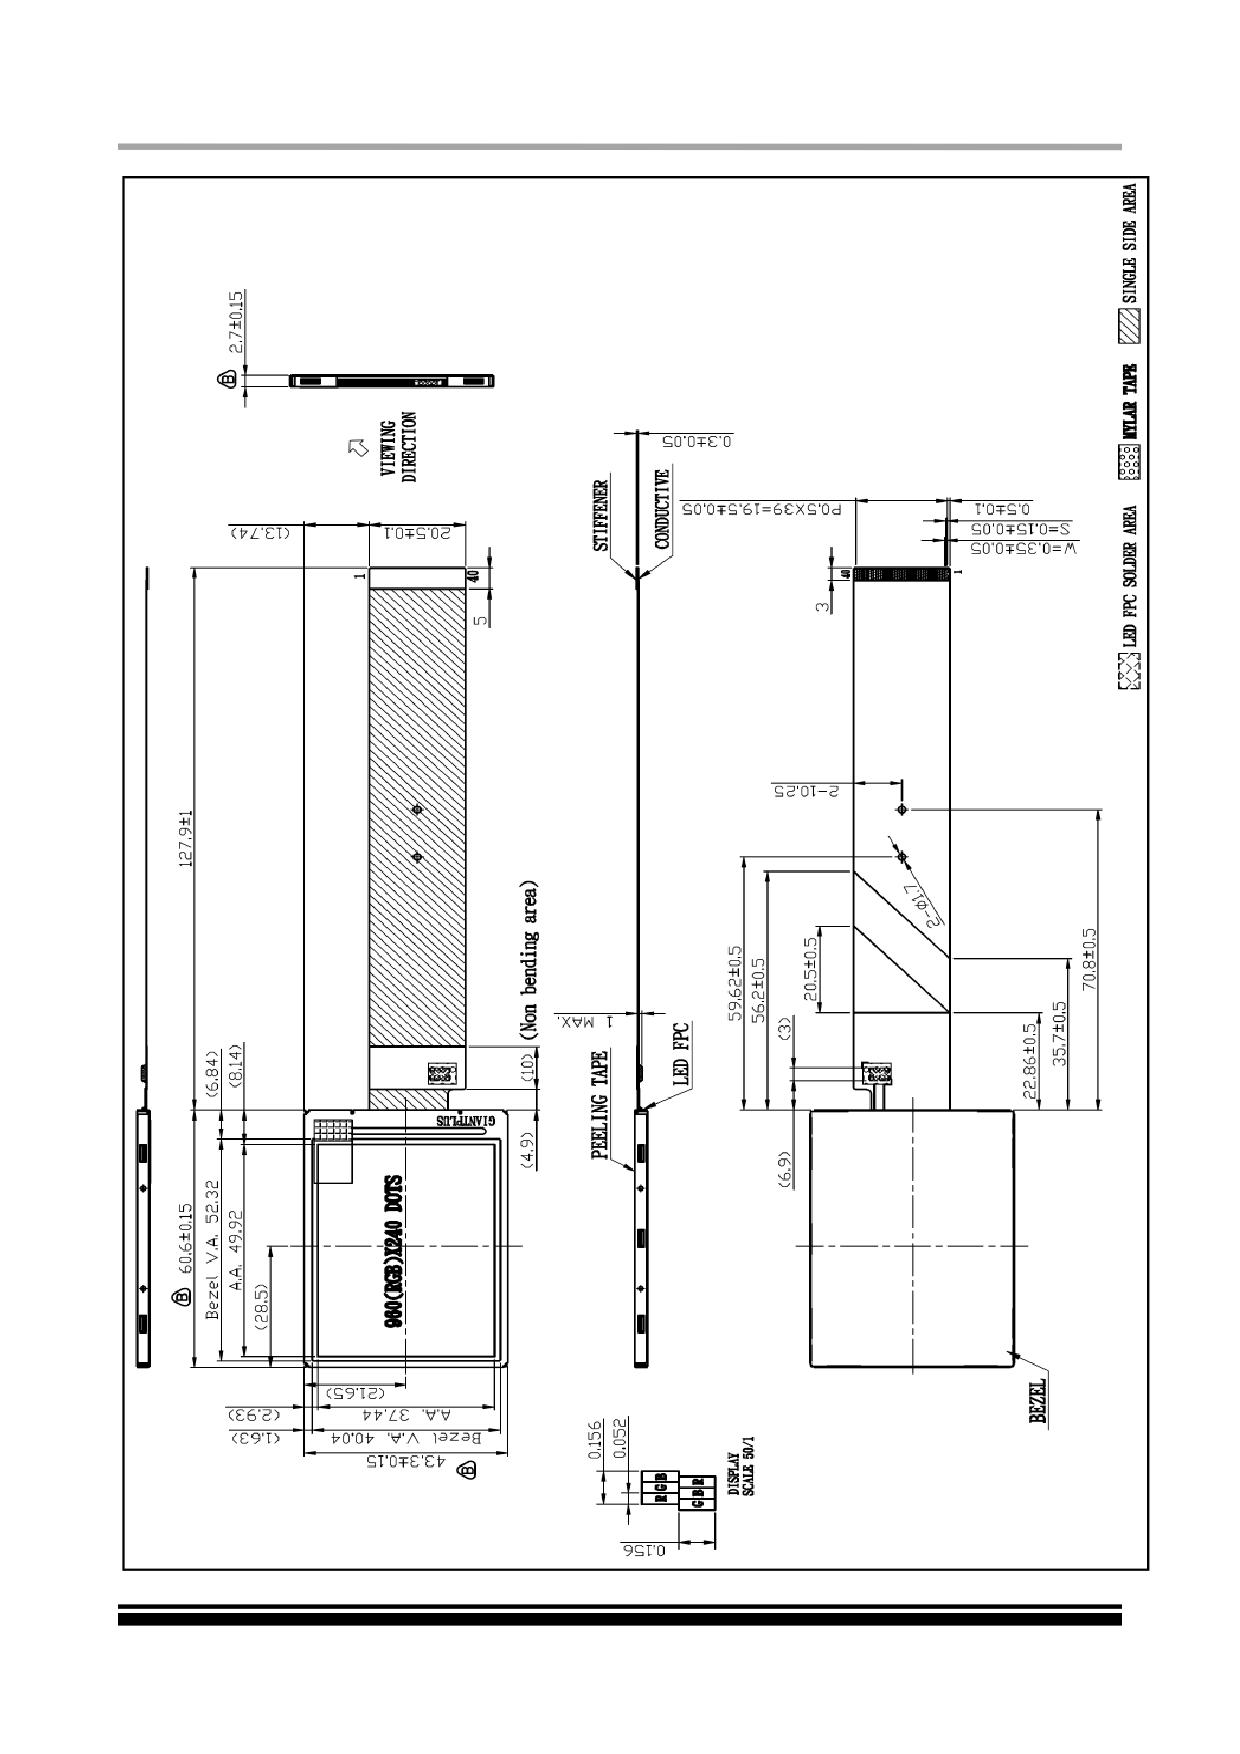 I2501-6IGN9624B pdf